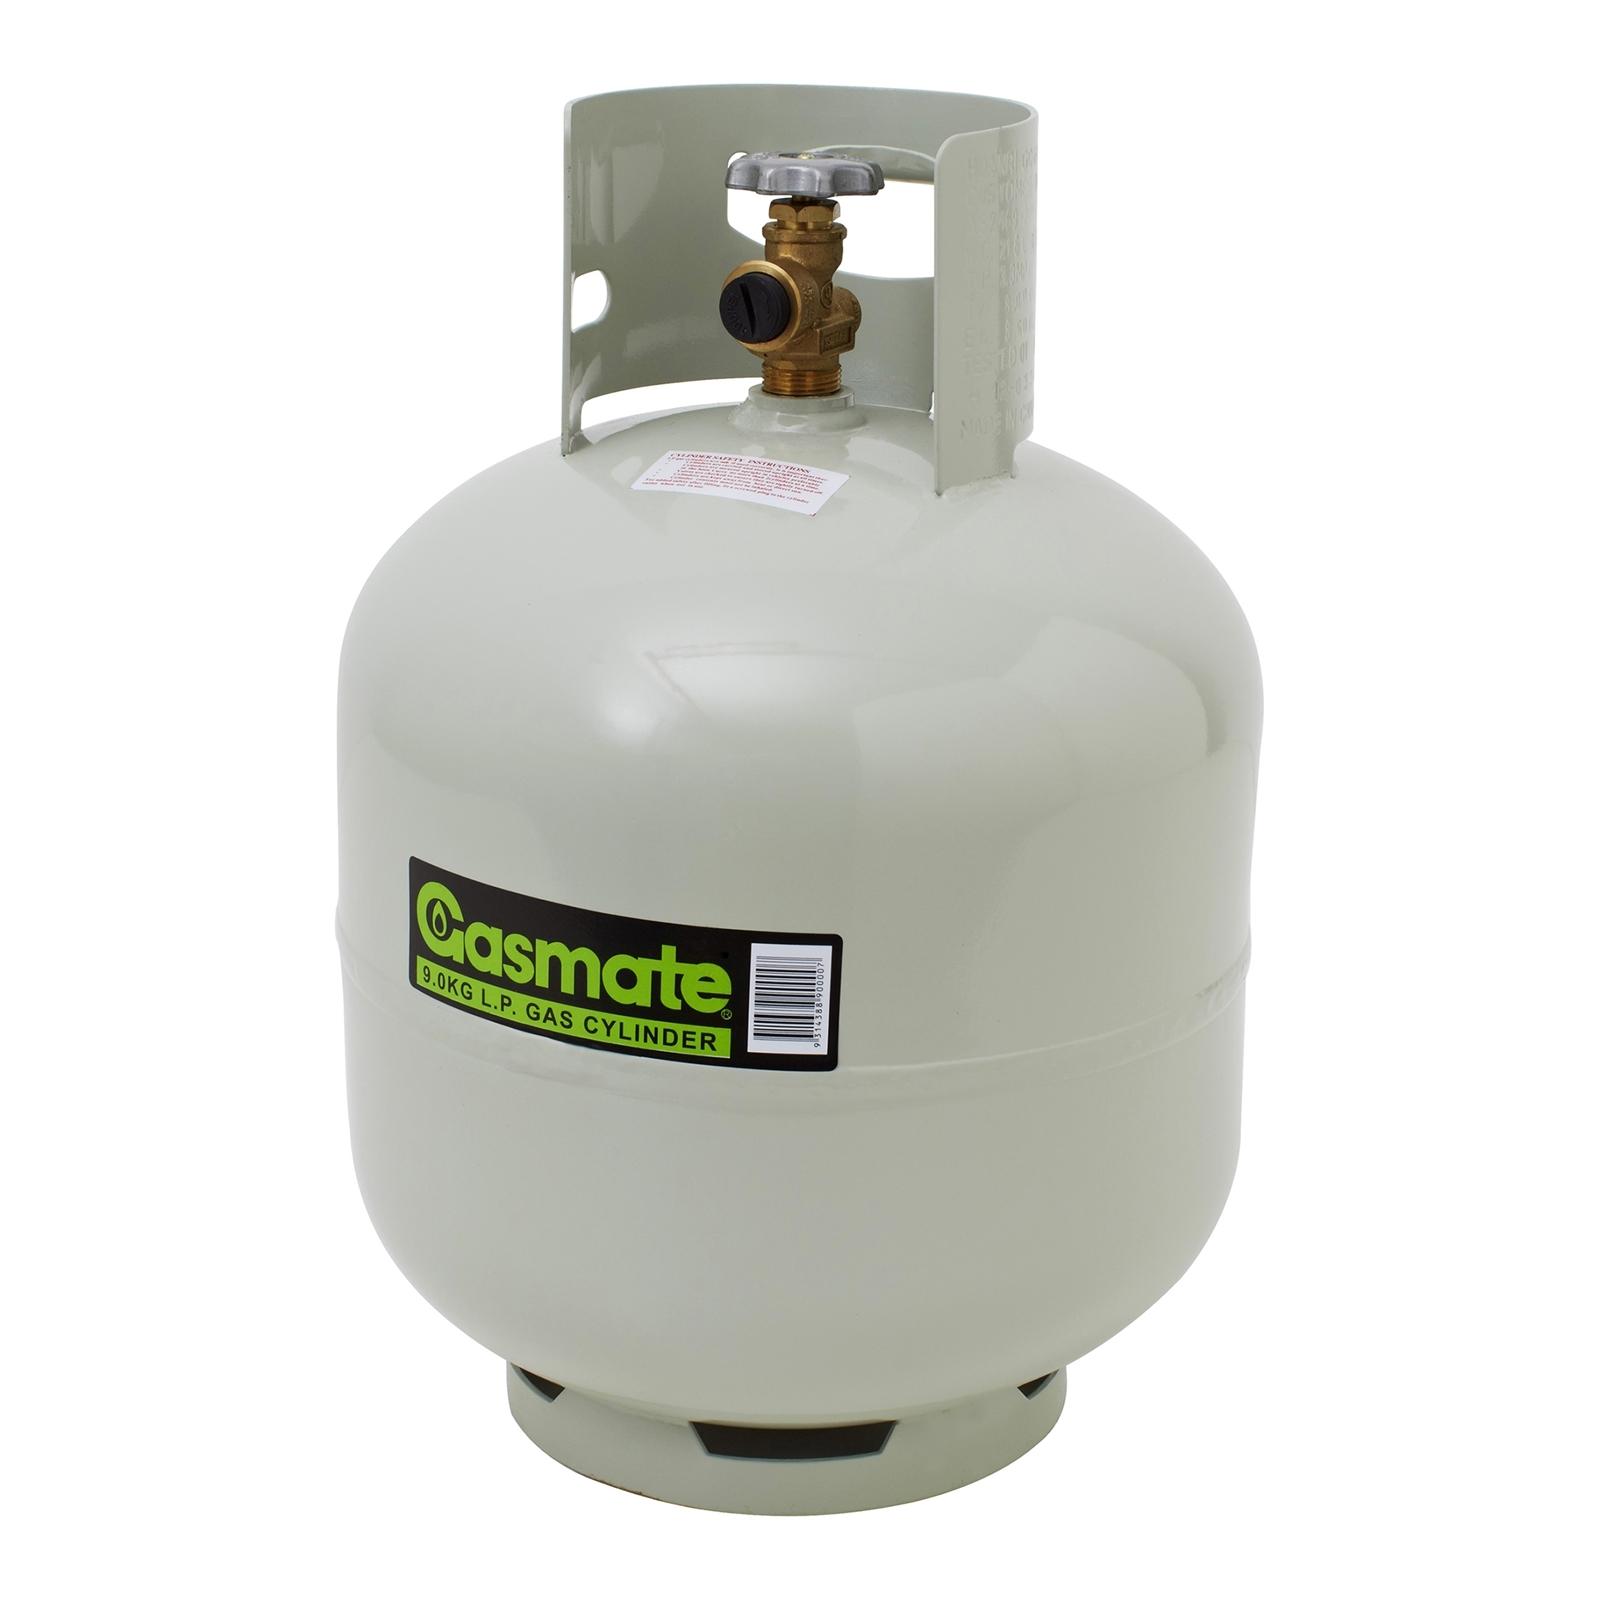 Gasmate POL Gas Cylinder - 8.5kg